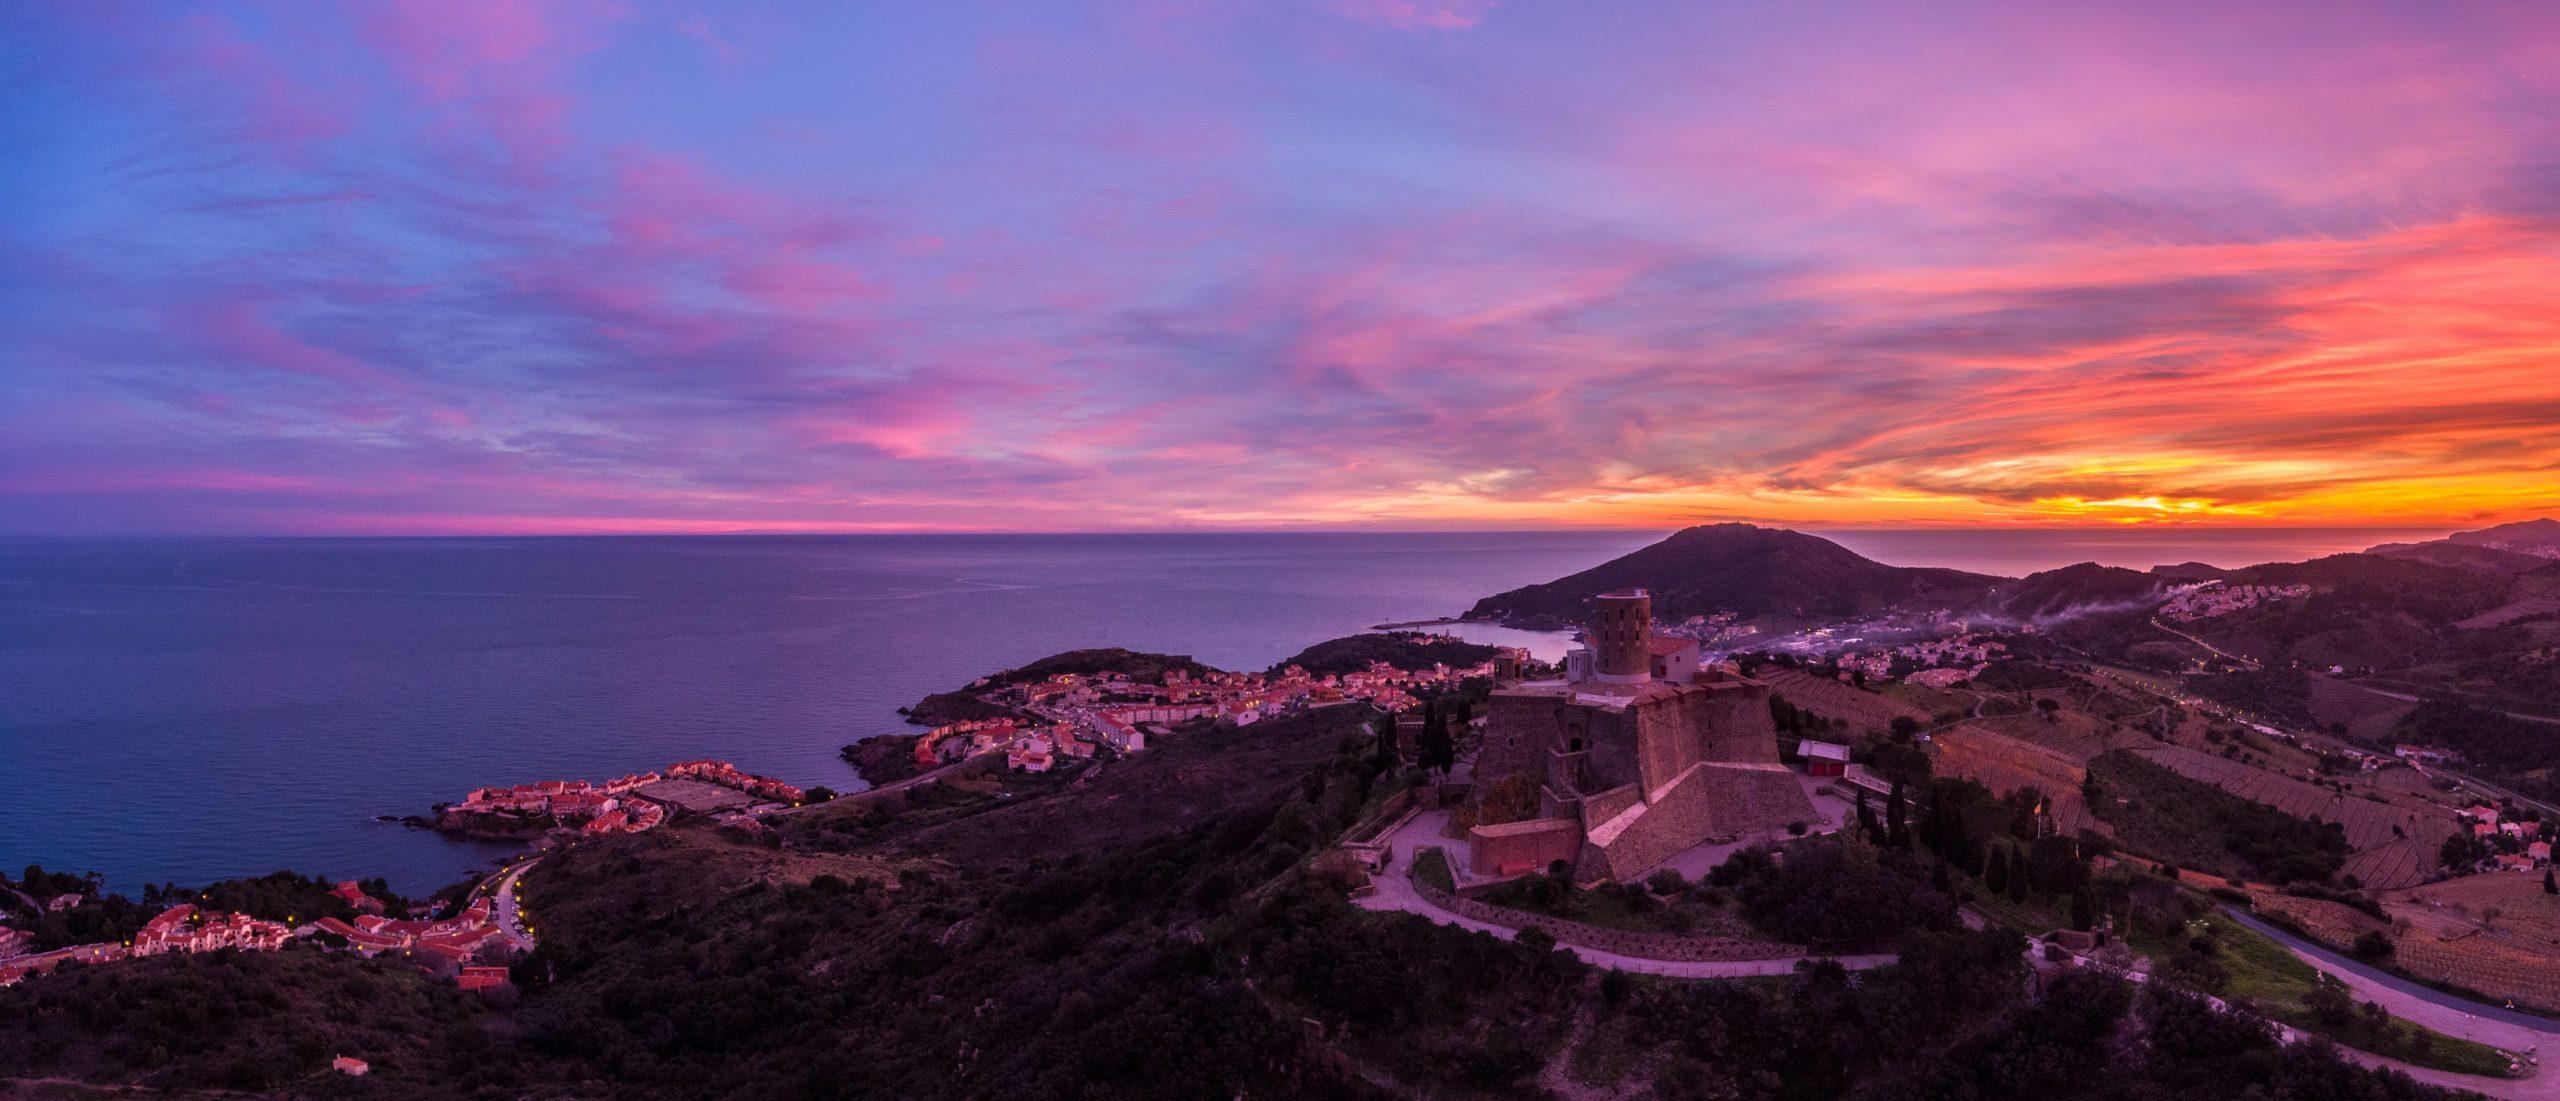 Collioure-Fort-Saint-Elme-low